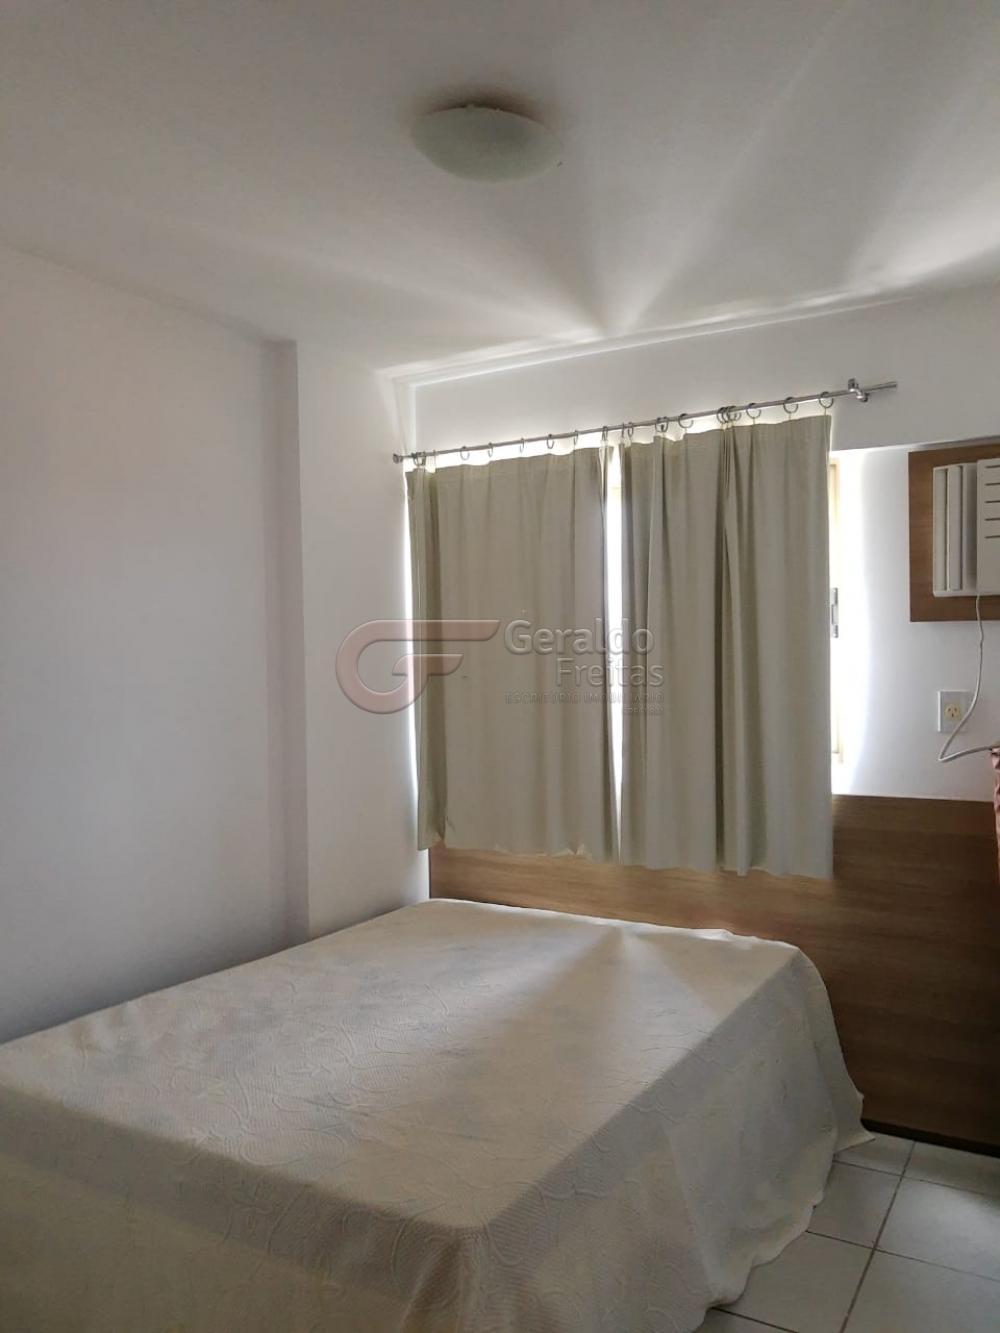 Comprar Apartamentos / Padrão em Maceió apenas R$ 350.000,00 - Foto 5